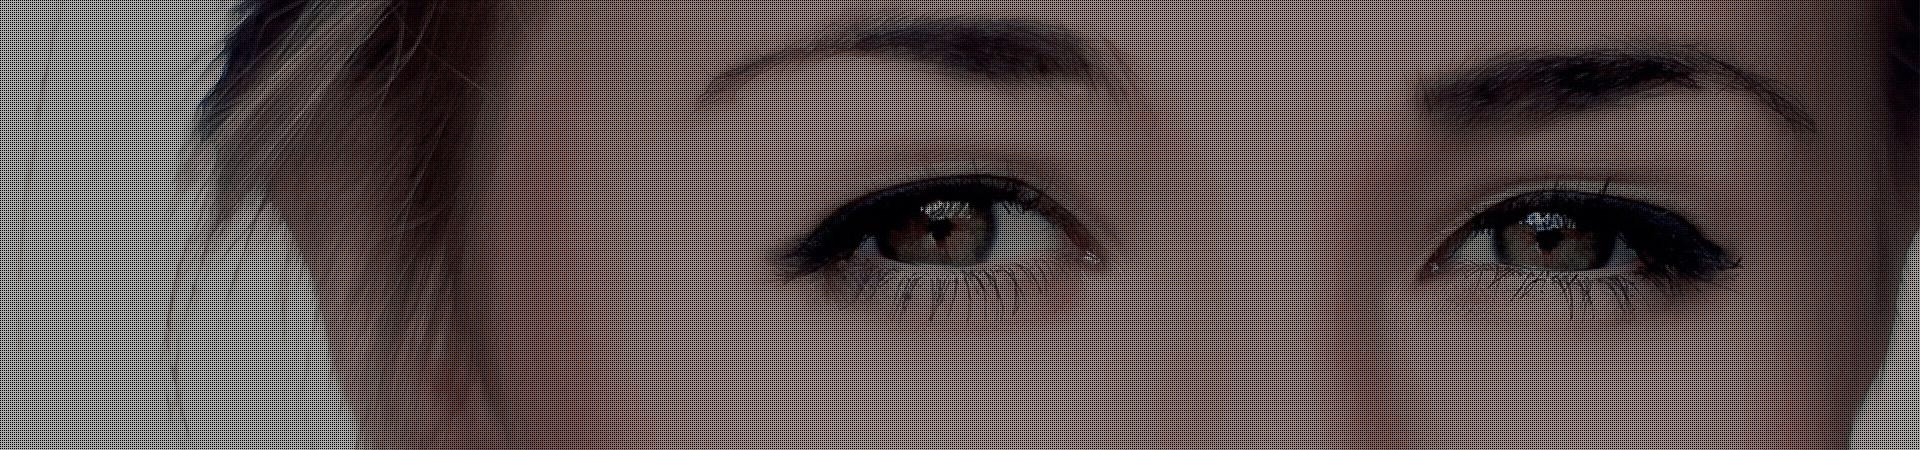 bg-eyes3